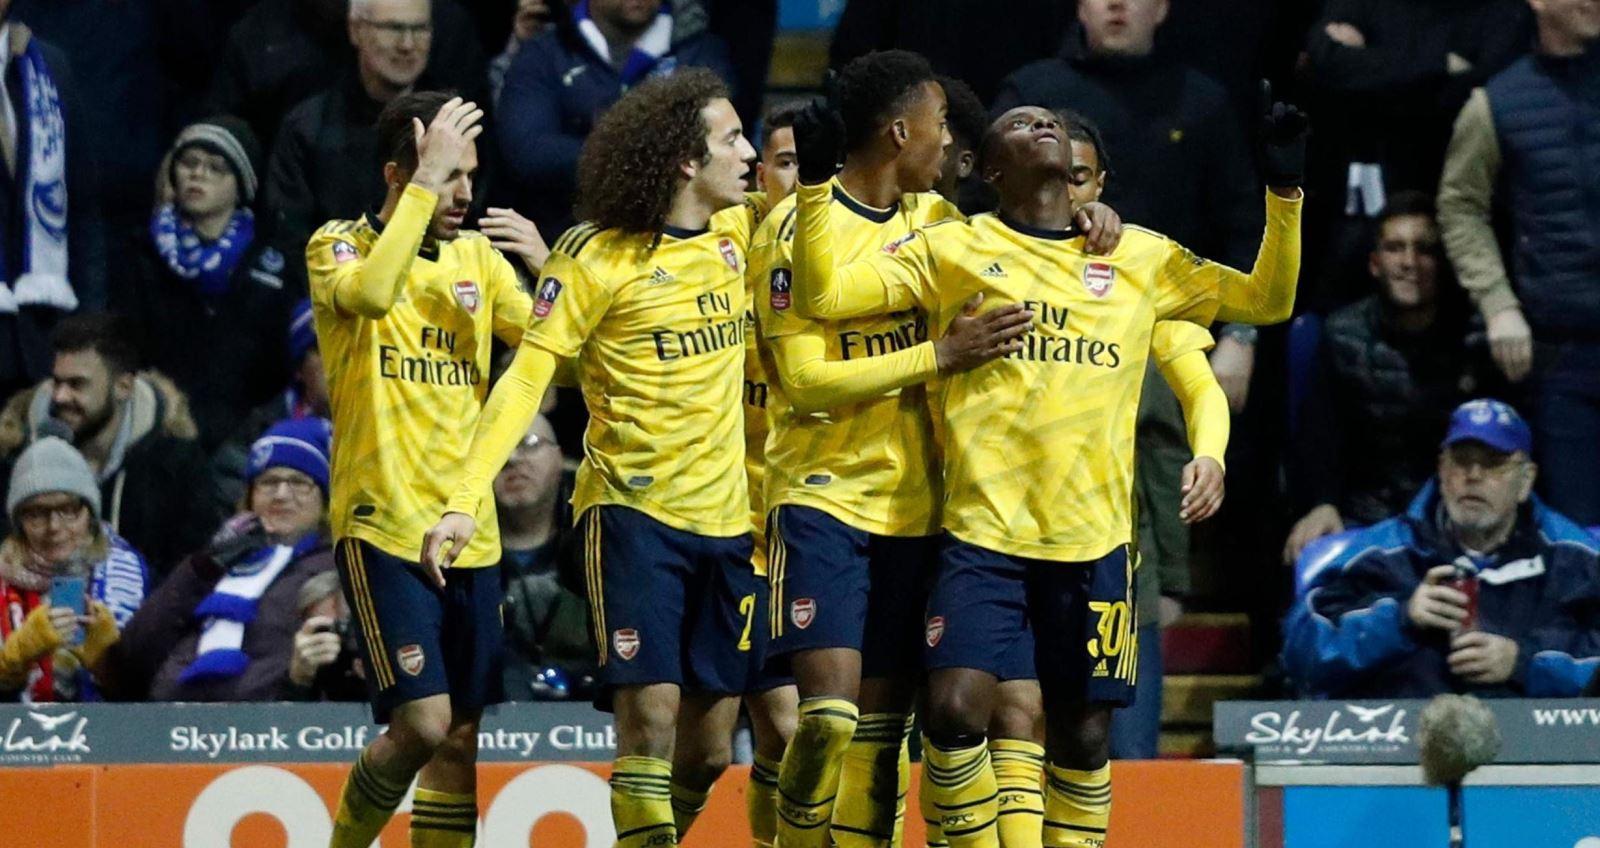 Truc tiep bong da, Arsenal vs West Ham, K+, K+PM, Lịch thi đấu Ngoại hạng Anh, trực tiếp bóng đá, Arsenal đấu với West Ham, lich thi dau bong da hom nay, bong da, bóng đá